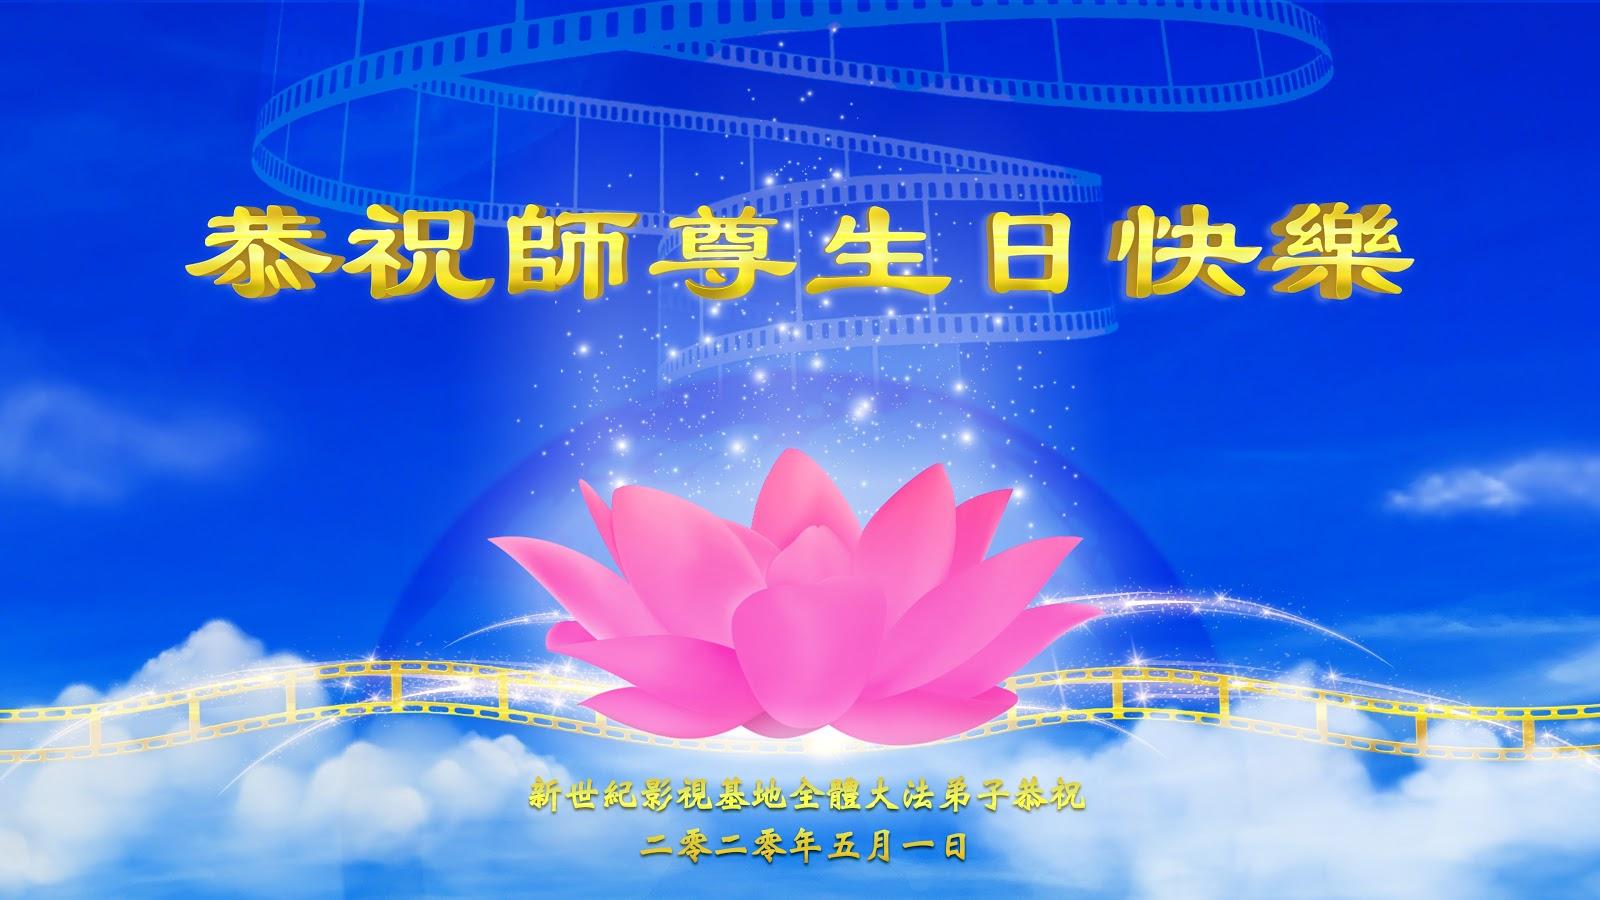 新世紀影視基地舉辦網絡文藝表演,慶祝513世界法輪大法日。(新世紀影視提供)